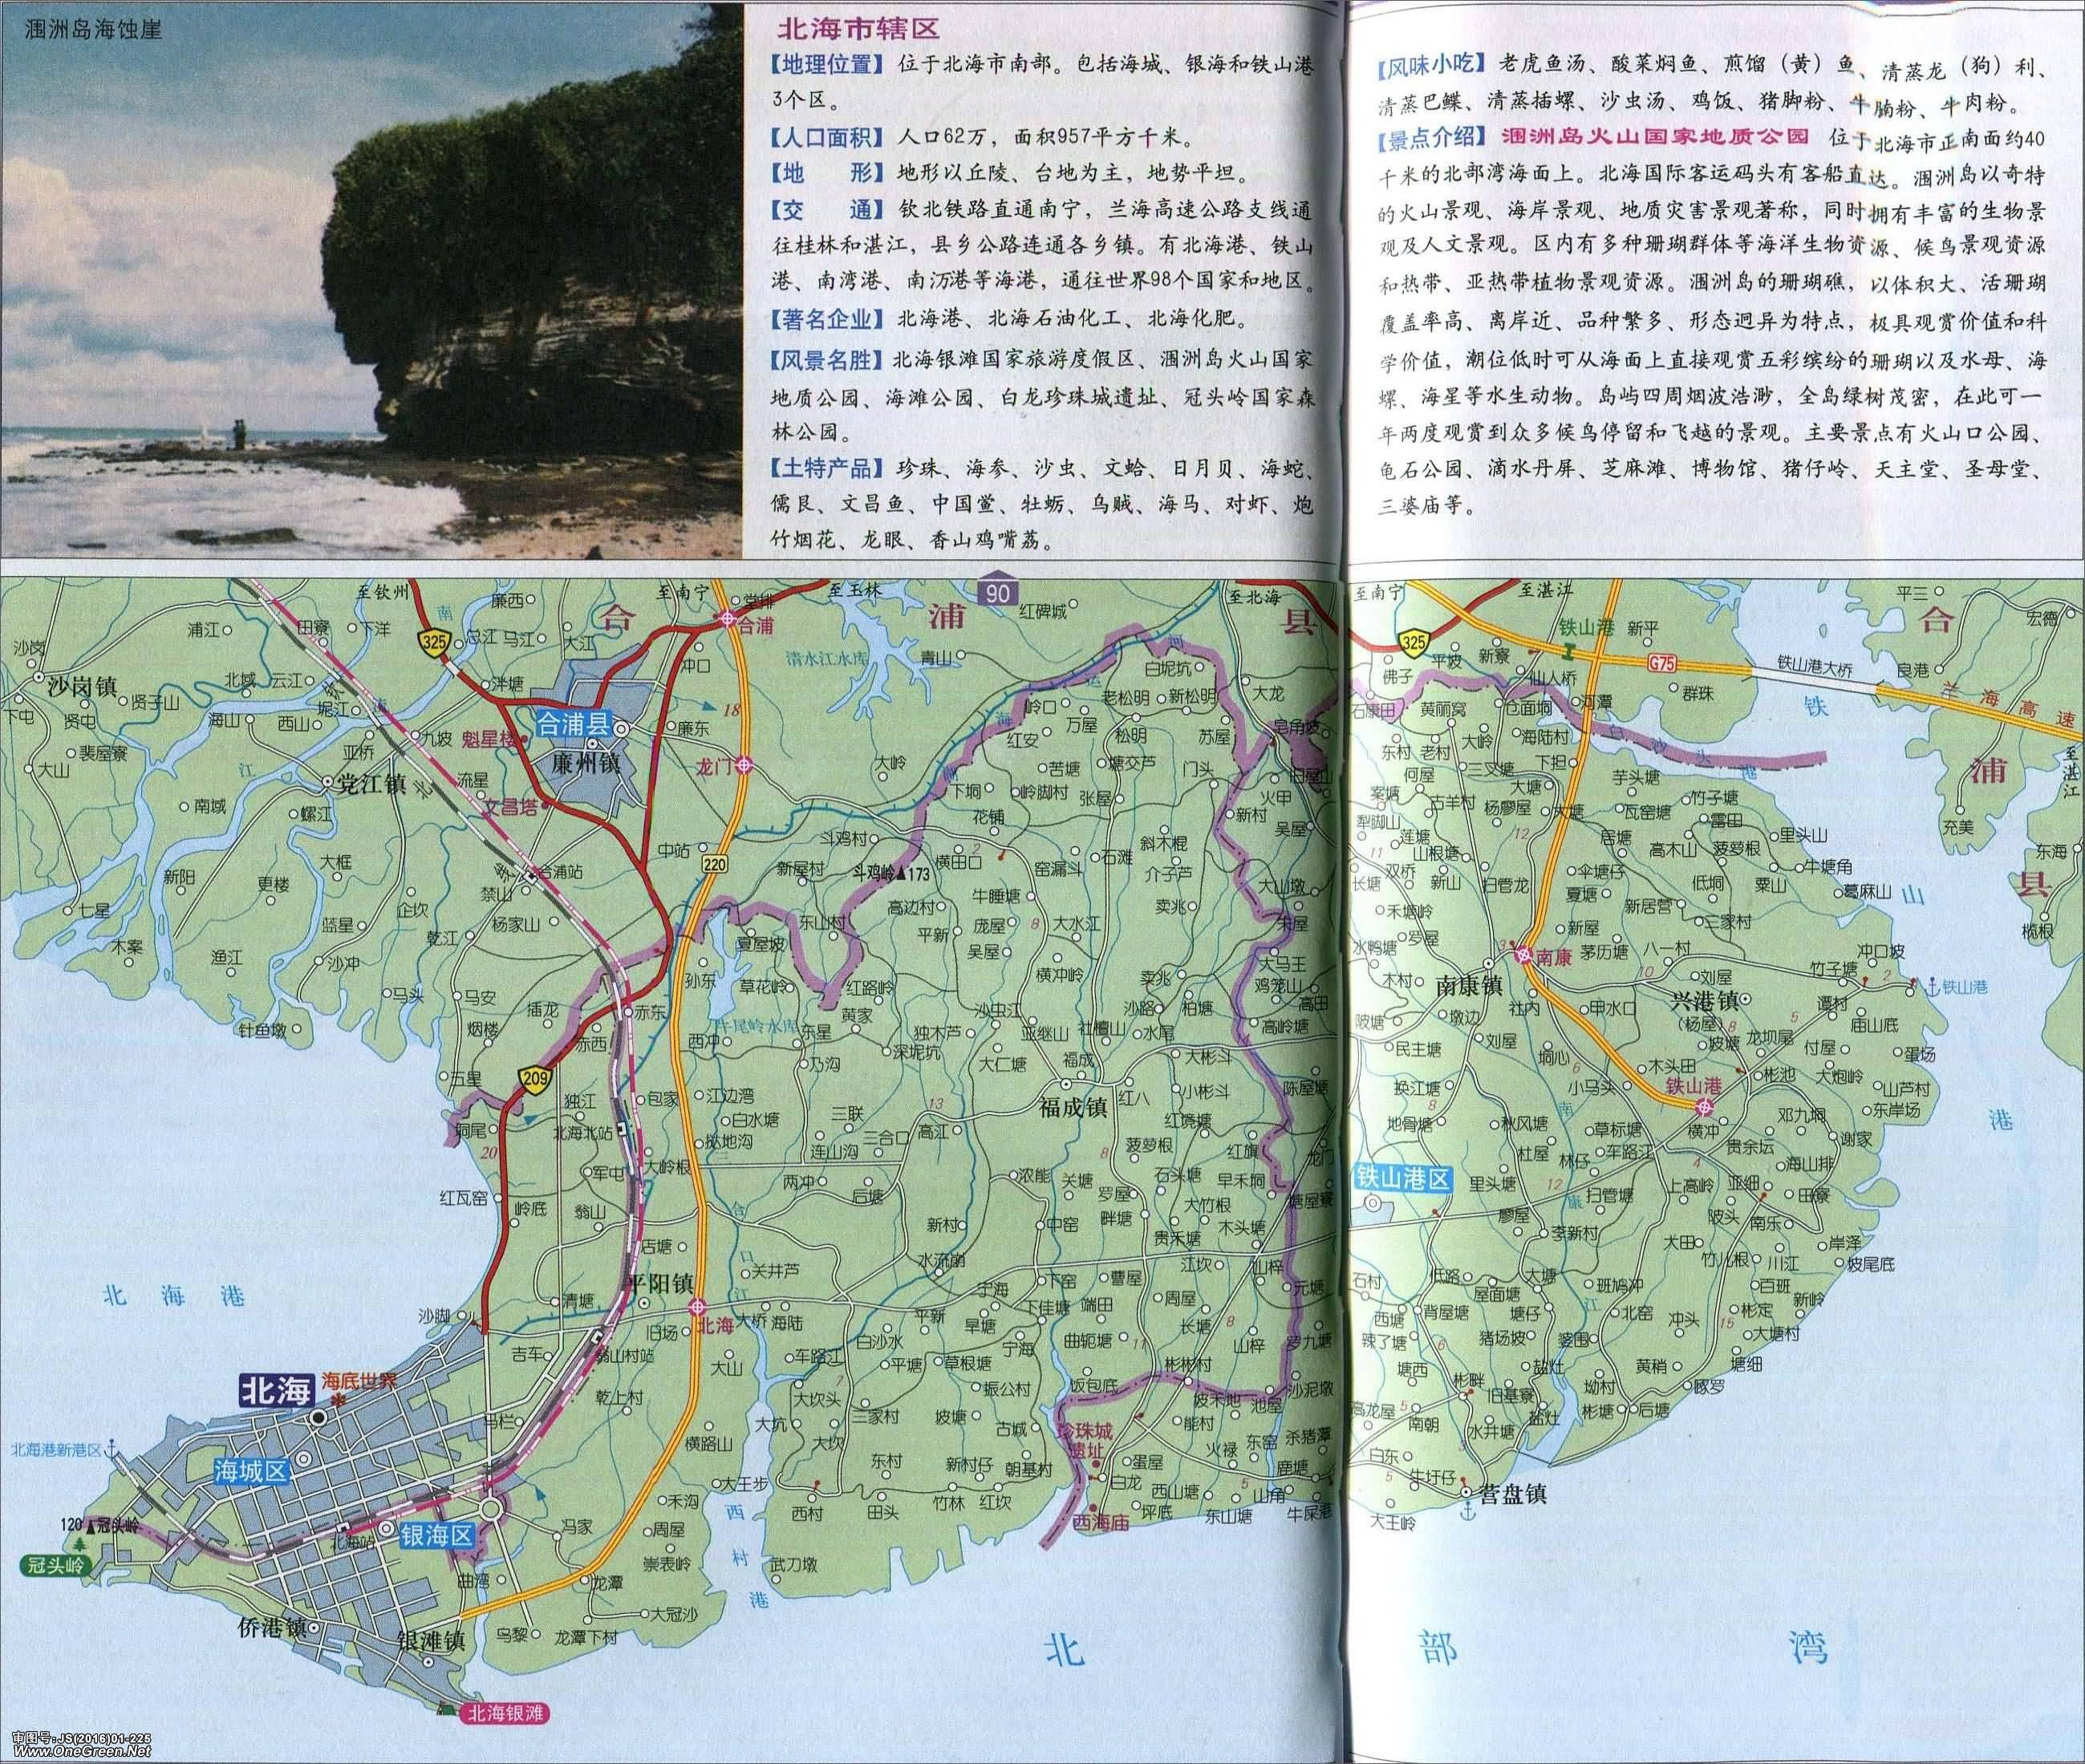 海城区_银海区_铁山港区地图_北海地图库